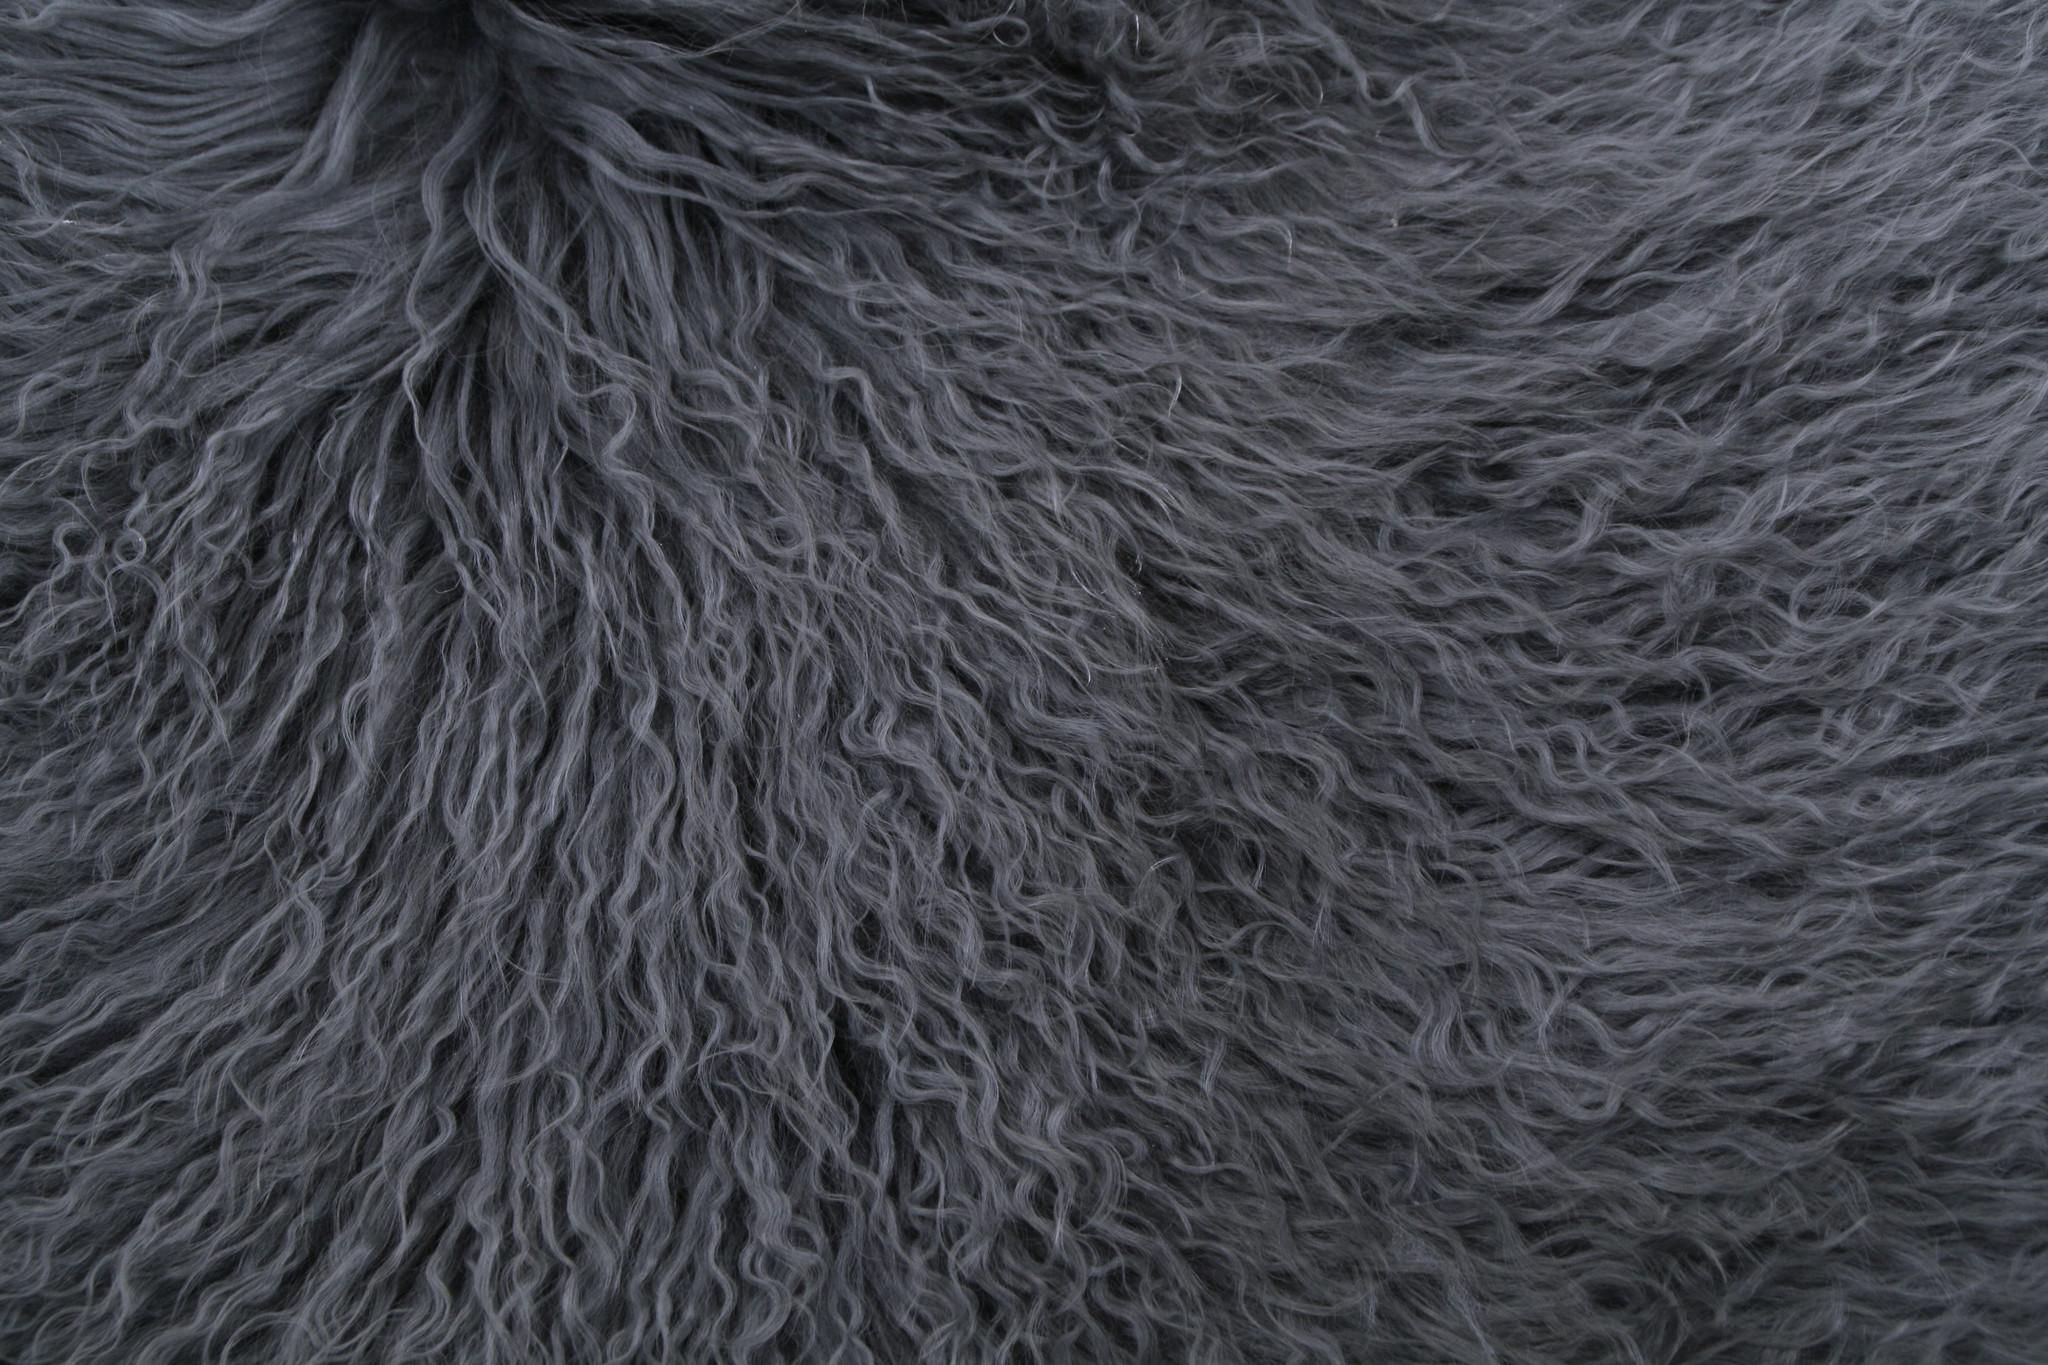 testVan Buren Schapenvacht petrol Tibetaans met gekrulde lange haren